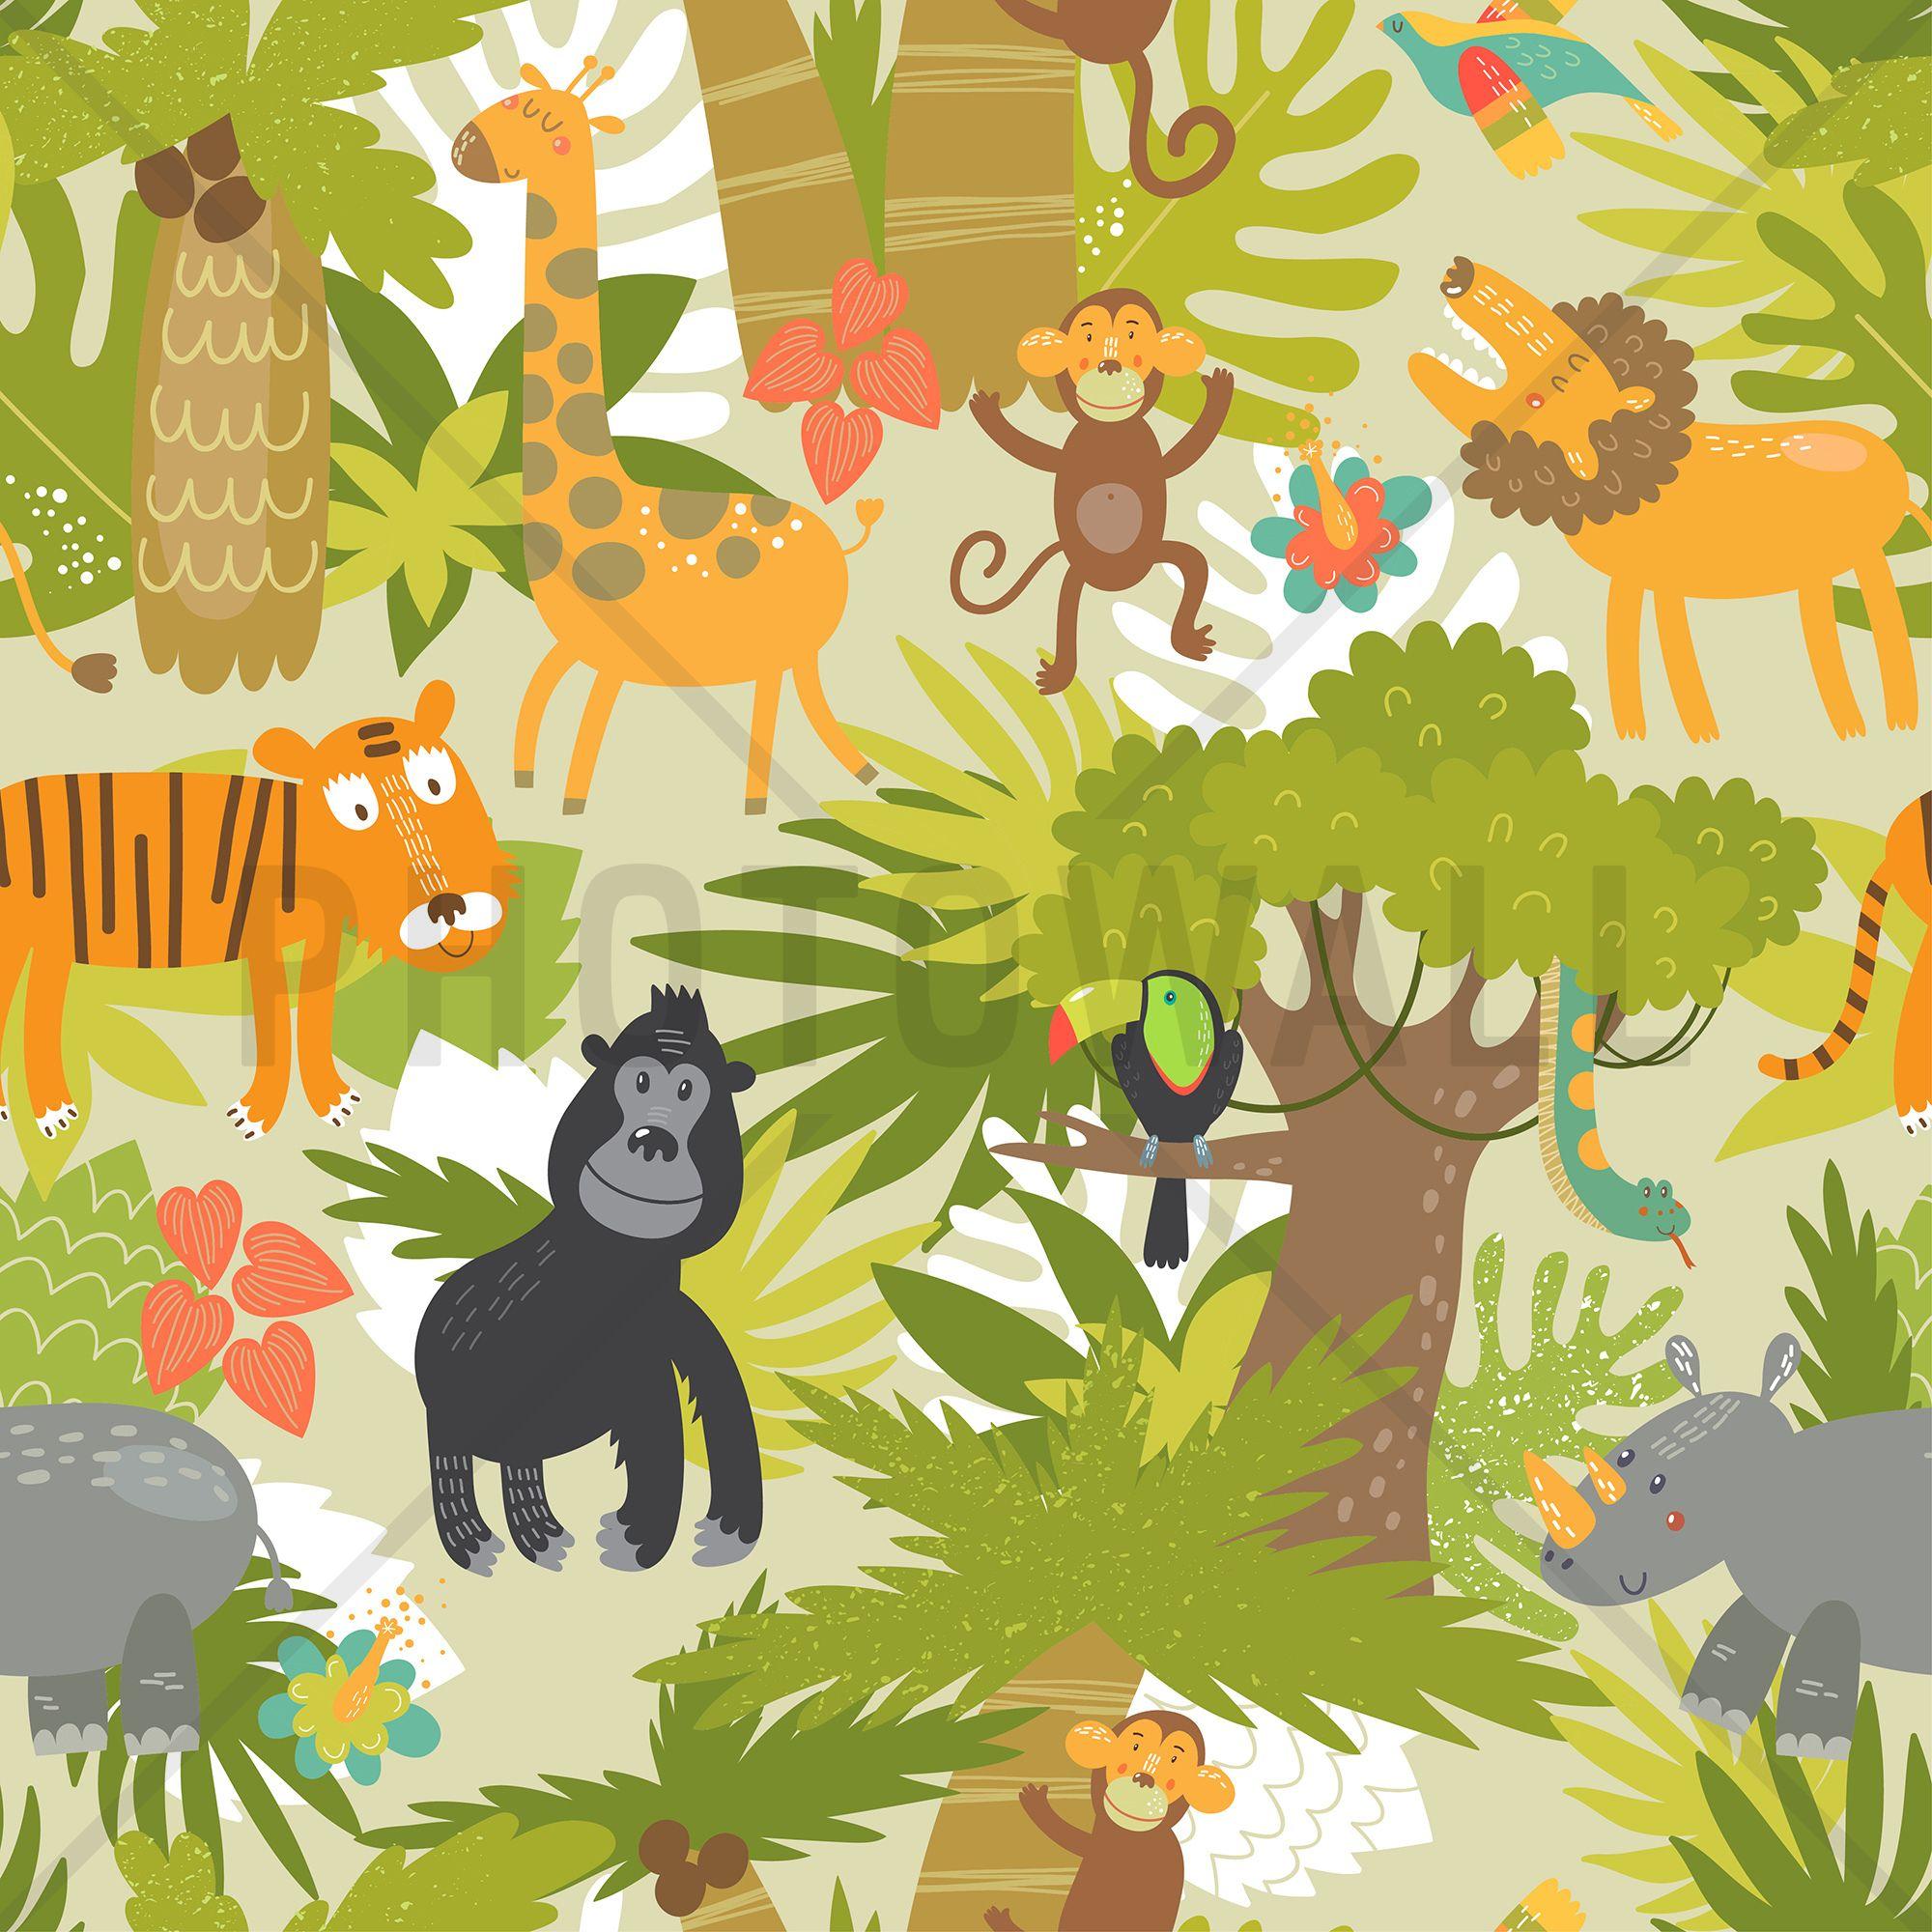 cute jungle animals decoration murale papier peint photo photowall ideco papier peint. Black Bedroom Furniture Sets. Home Design Ideas